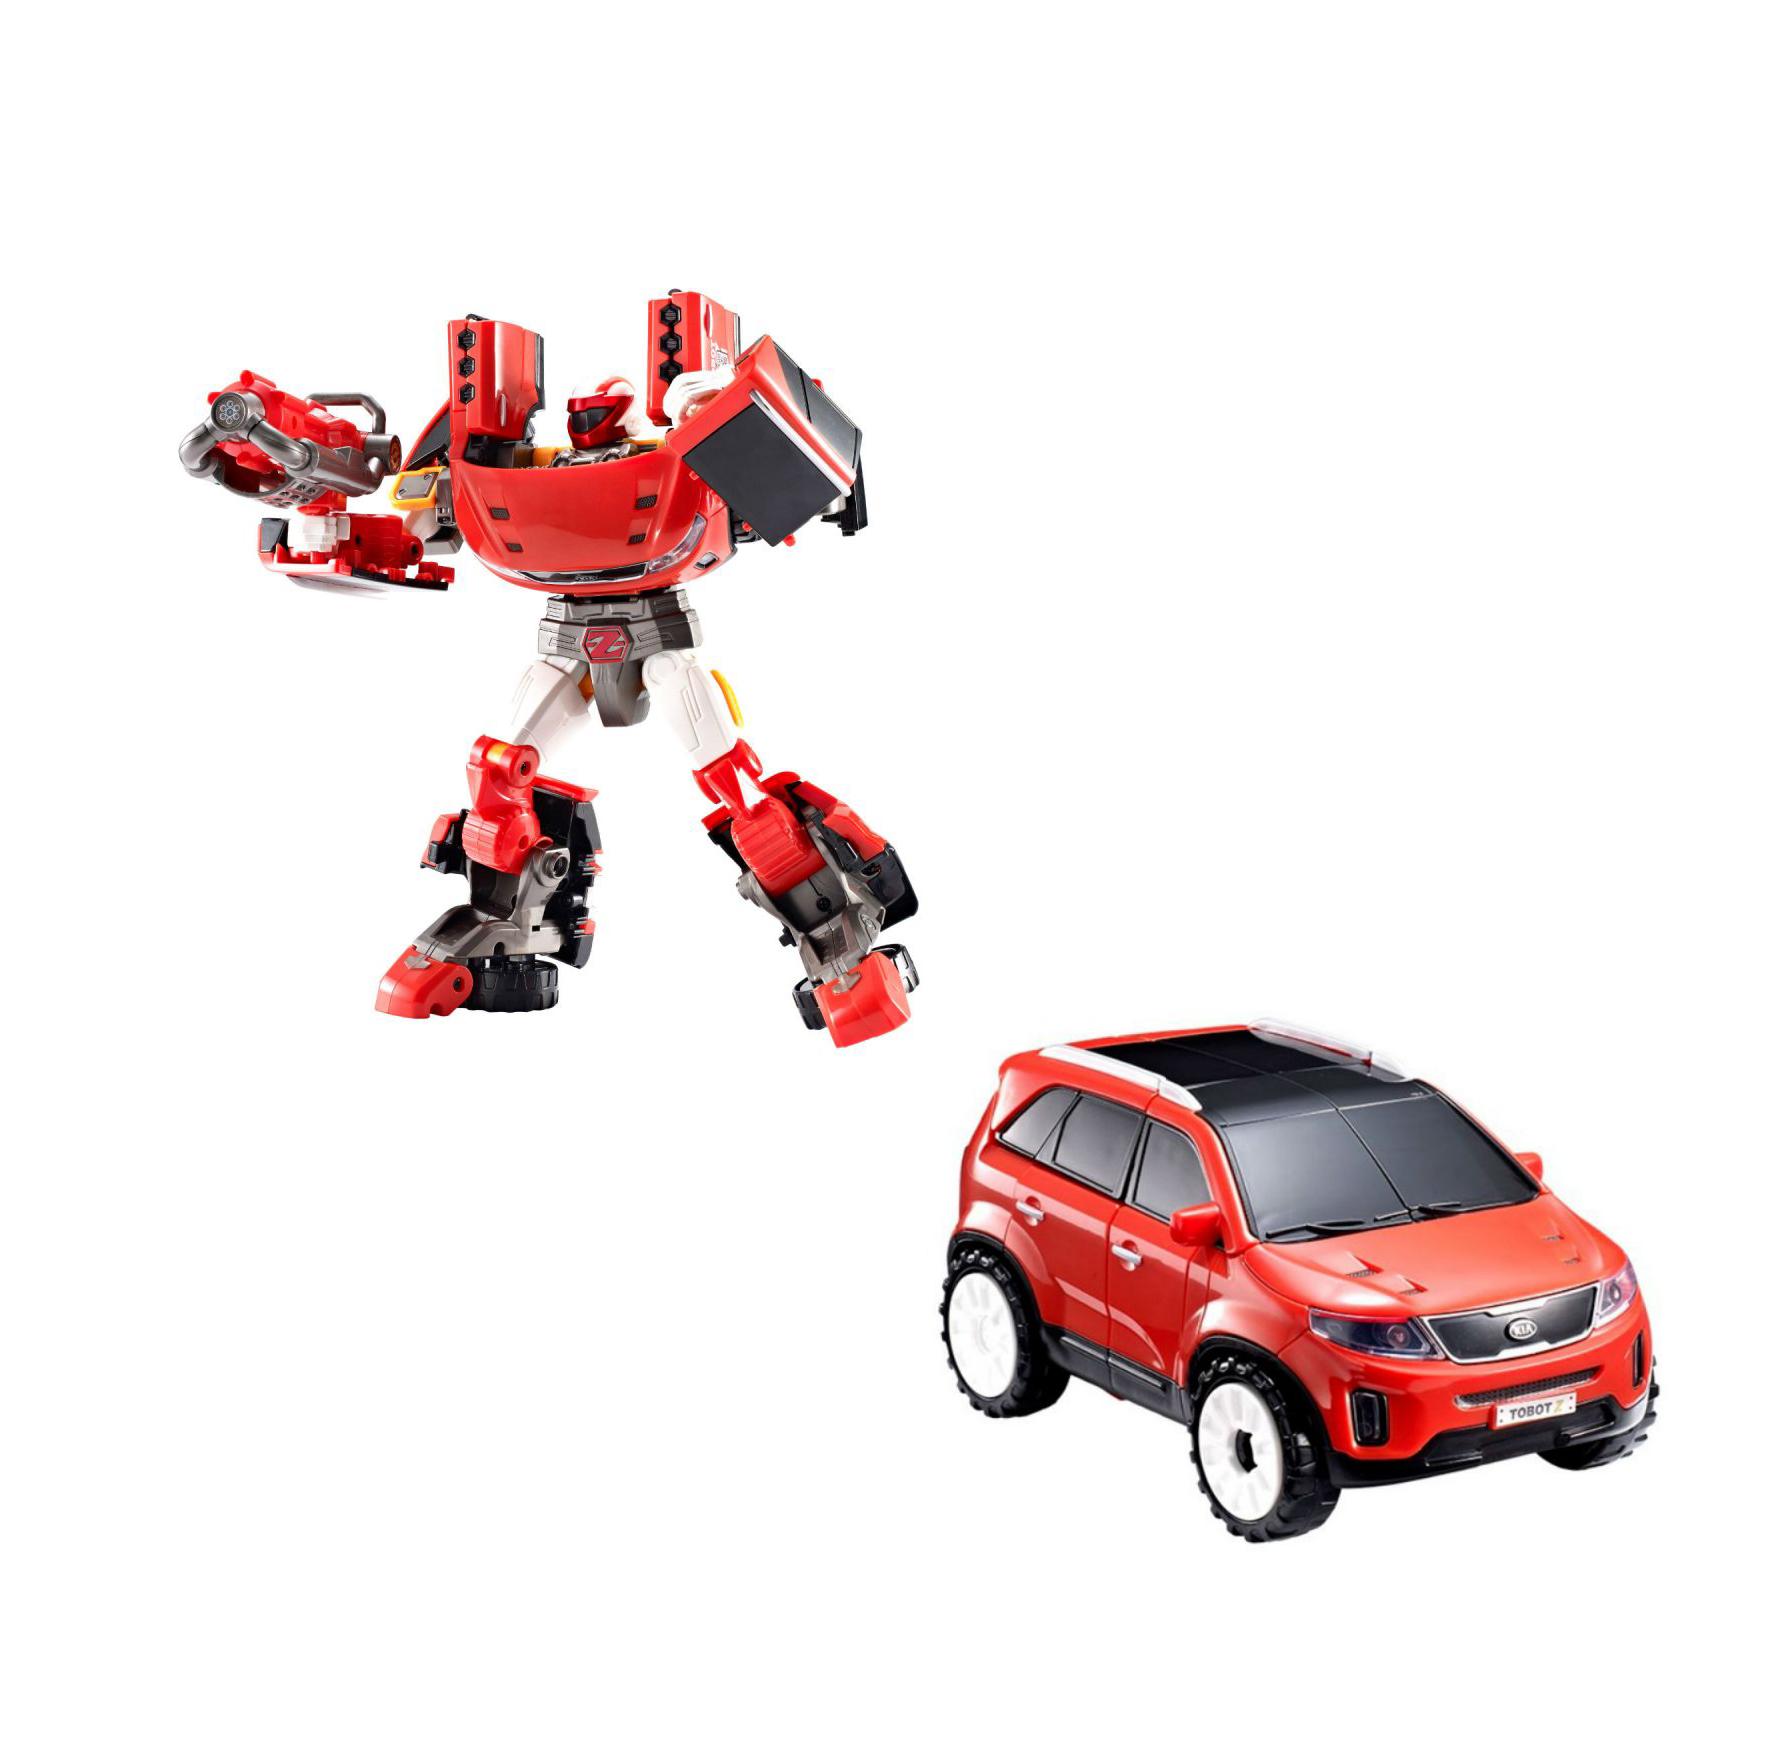 Трансформер Тобот - Приключения ZТрансформер Приключения Z из серии Тобот, созданный по одноименному мультфильму, покорит сердце с первых минут его обладания. В дополнении к роботу прилагаются оружие и ключ, которые сделают приключения более захватывающими. Но главной особенностью данного комплекта является трансформация из робота в машину. При помощи ключа робот легко превращается в стильный, яркий внедорожник, который быстр в езде на любой поверхности, благодаря своим широким колесам. Развлечение превратится в череду захватывающих сюжетов, где для сражения с противниками понадобится сила и оружие. Робота можно трансформировать неограниченное количество раз, надежно закрепленные детали предотвратят скорую поломку уникальной игрушки. Увлекательный процесс игры с превращением помогает развитию не только фантазии, но и ментального мышления.Трансформер изготовлен из качественного и безопасного для детей материала.<br>